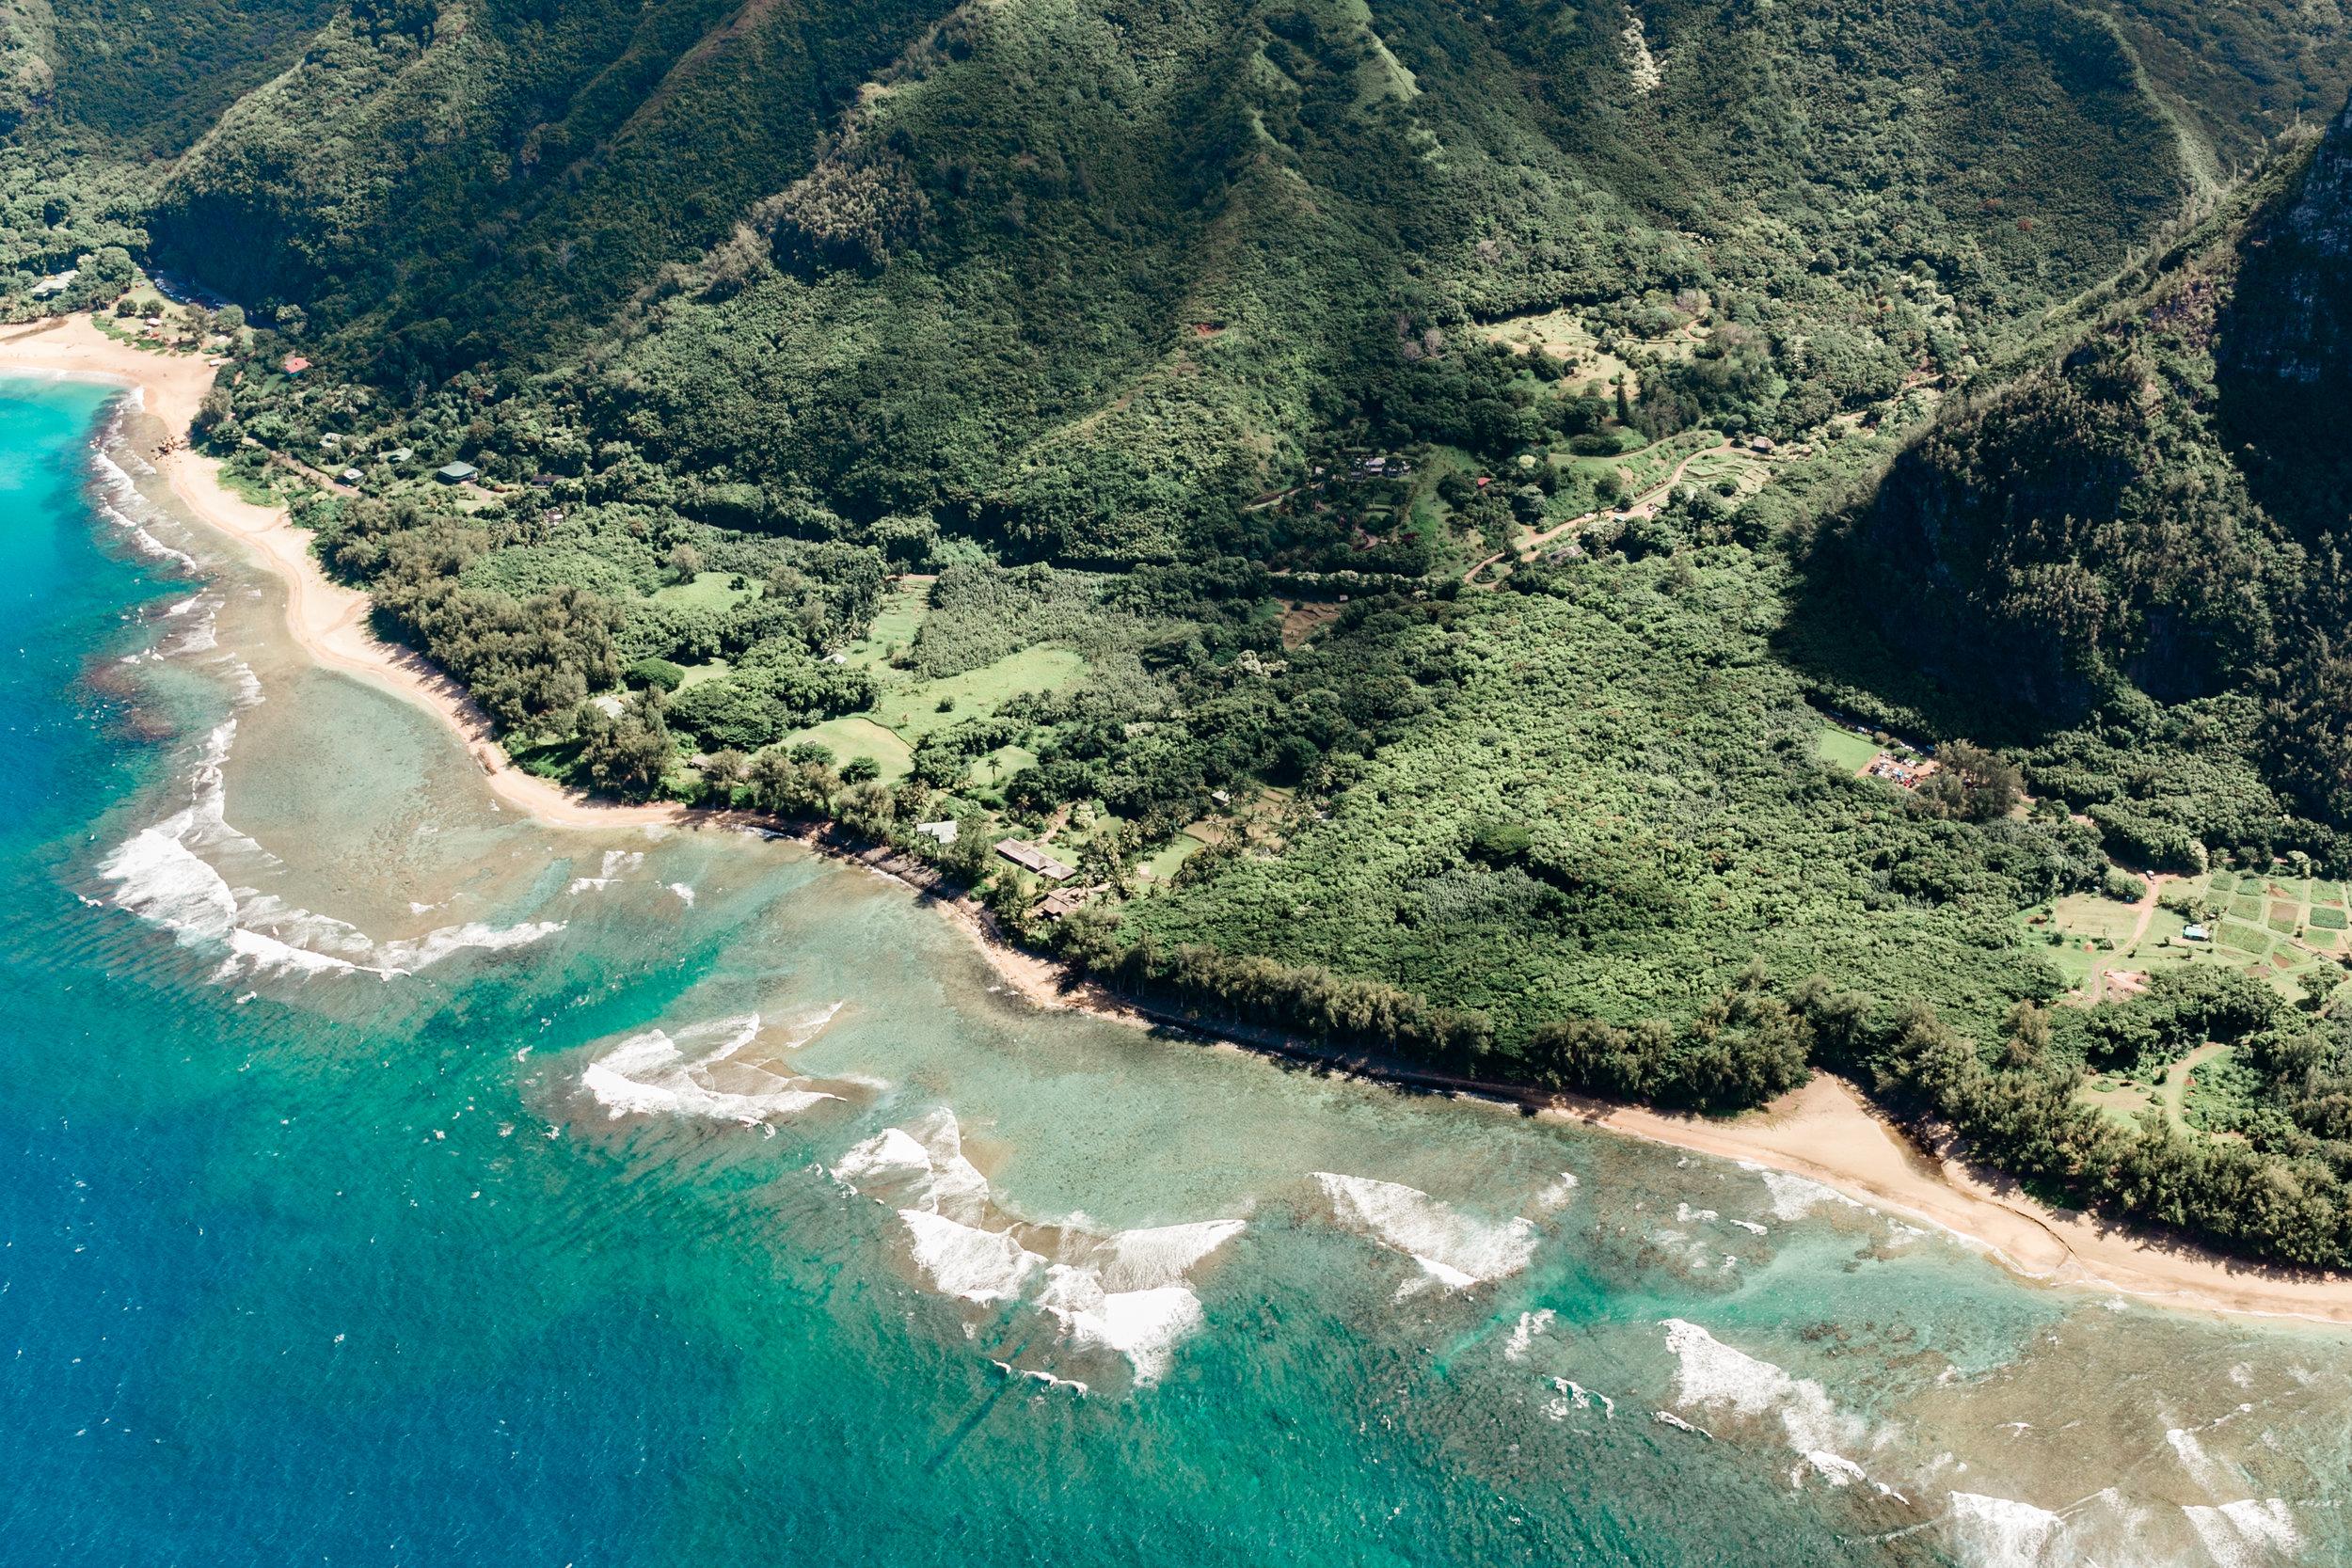 Kauaiphotos0317.jpg